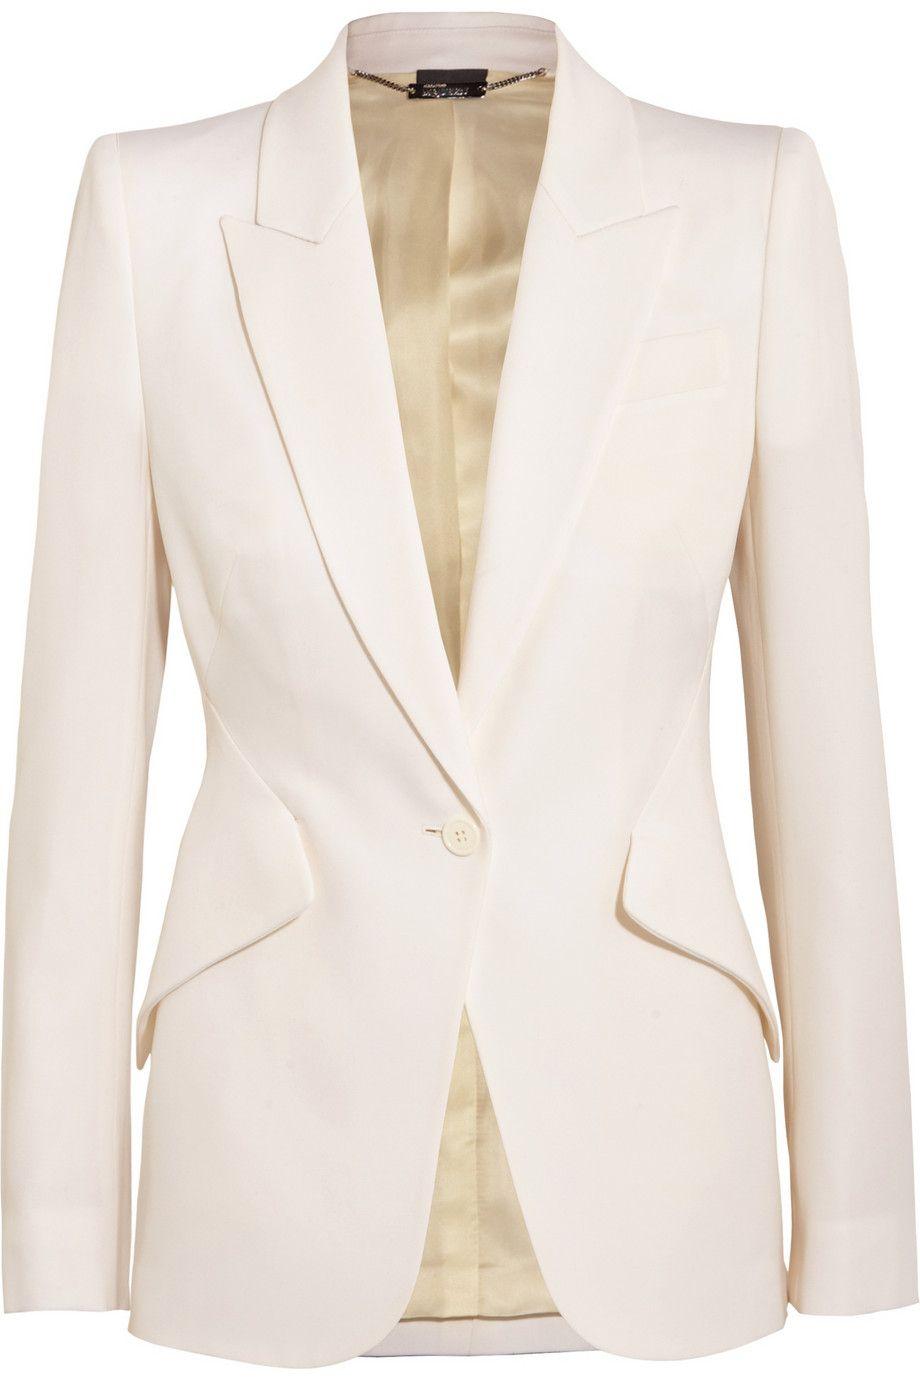 ALEXANDER MCQUEEN Wool-piqué blazer Mode Femme, Tailleur Femme, Vestes,  Chemises, 21359293e36